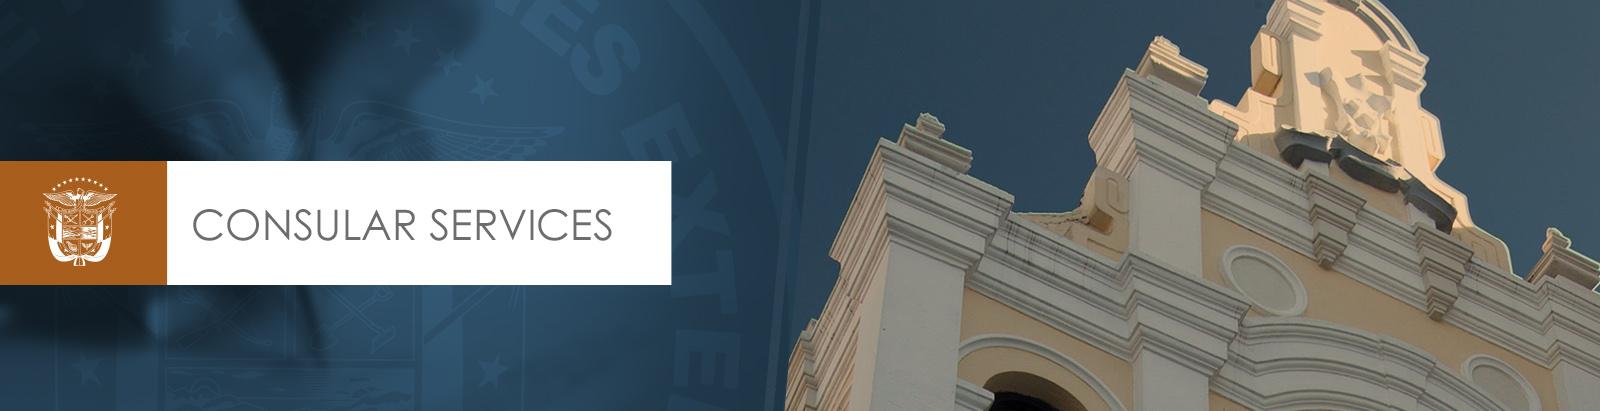 consular-services